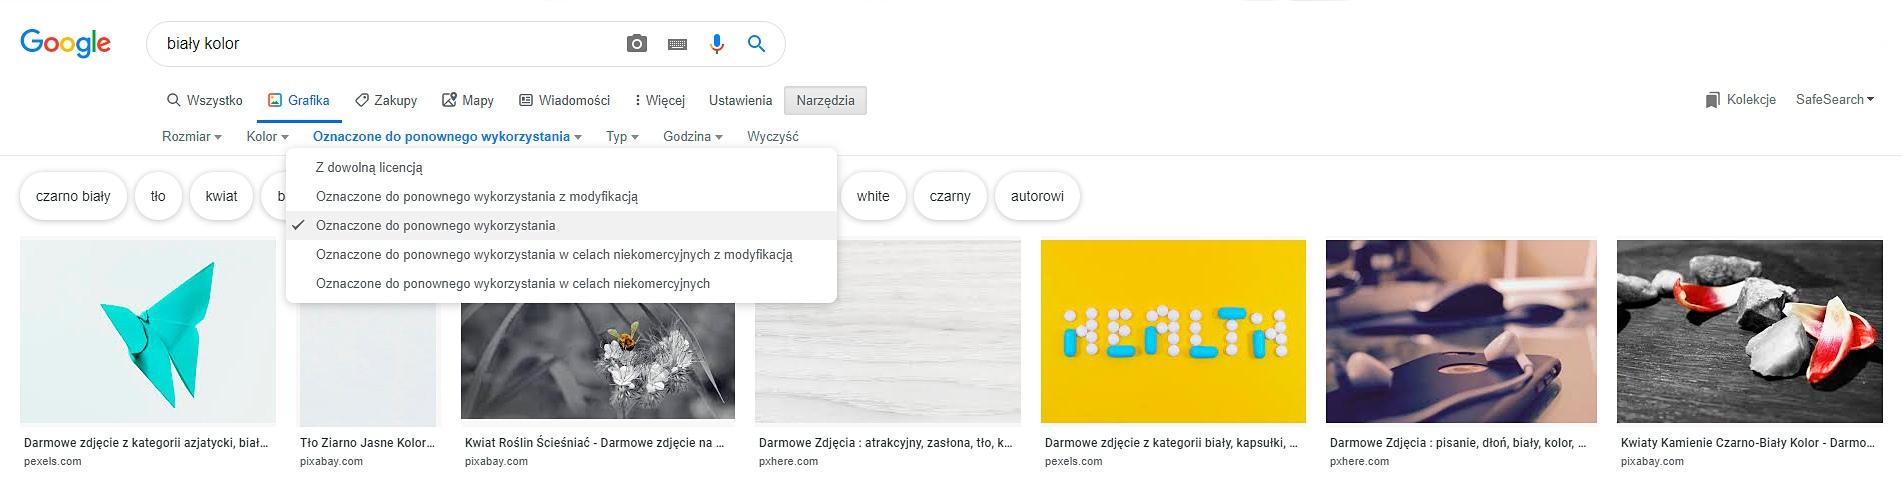 Google images - jak wyszukać darmowe zdjęcia